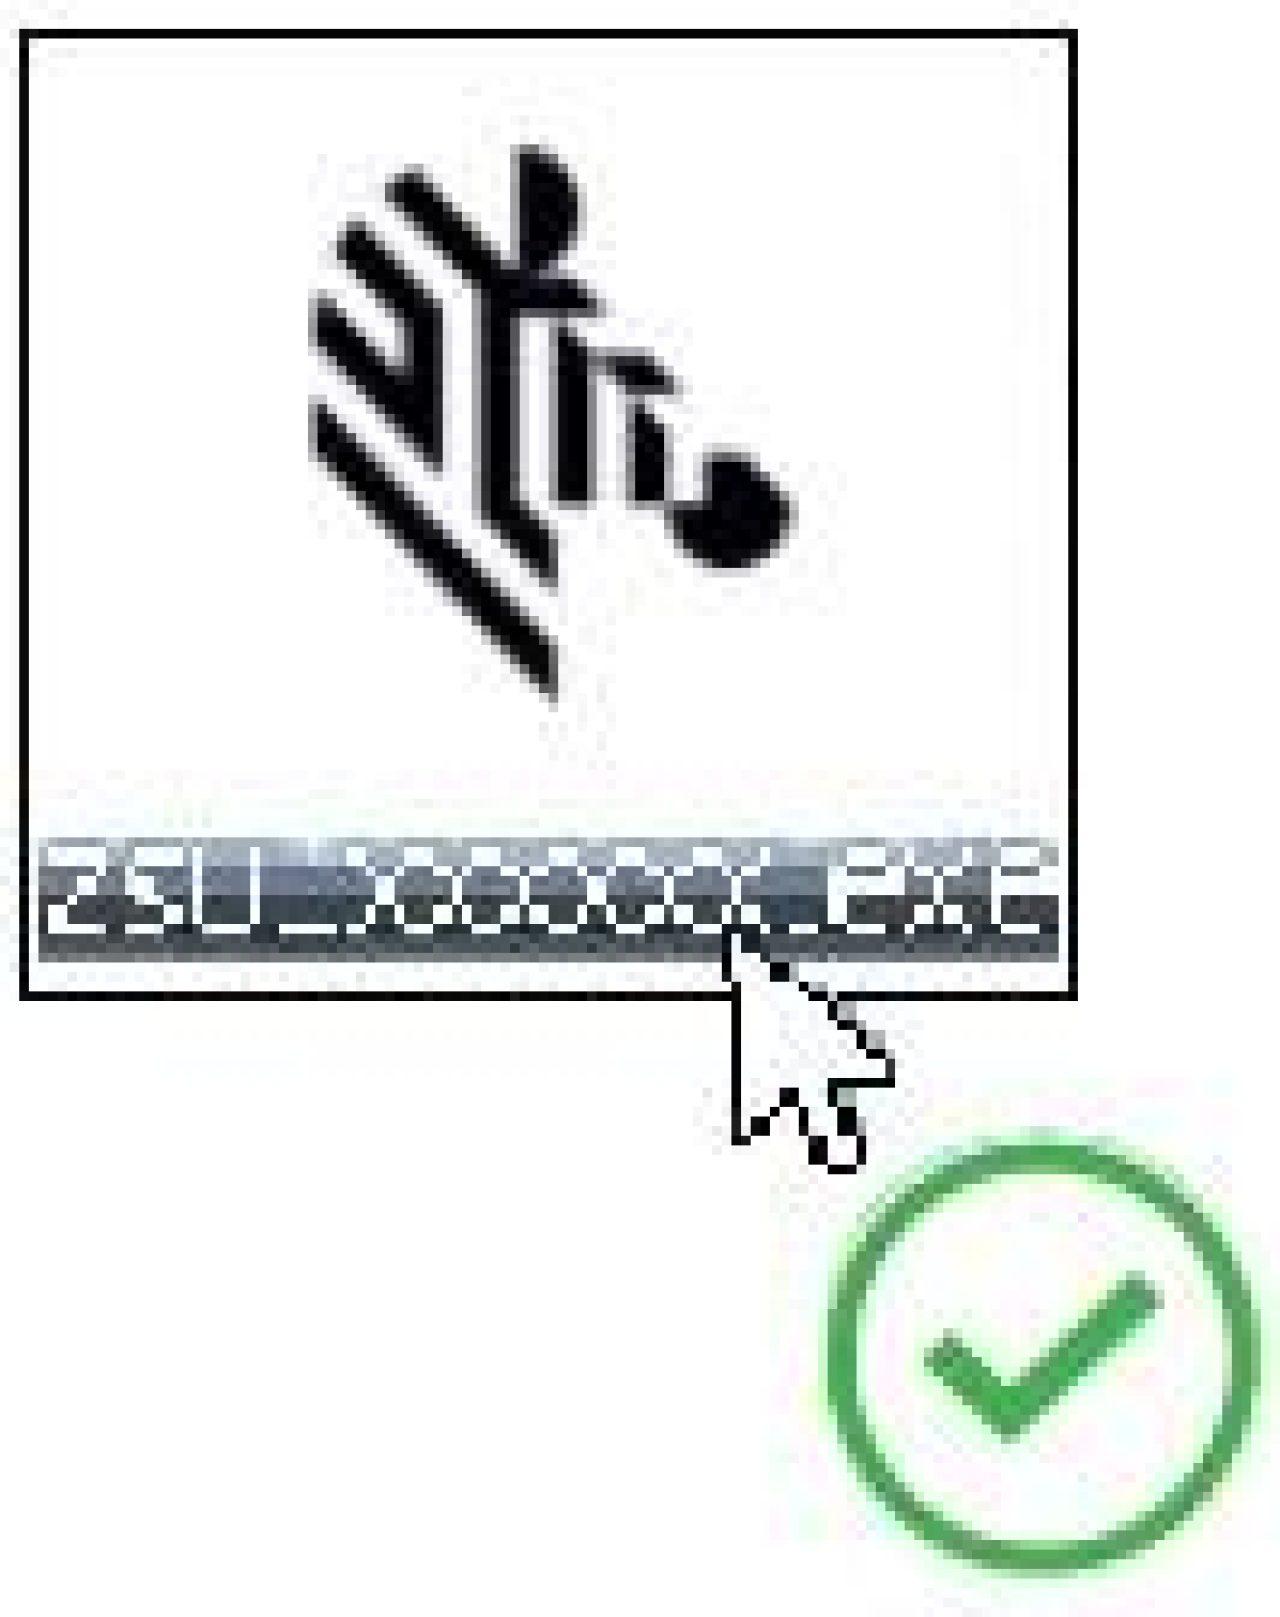 Zebraセットアップユーティリティ実行可能ファイルグラフィック